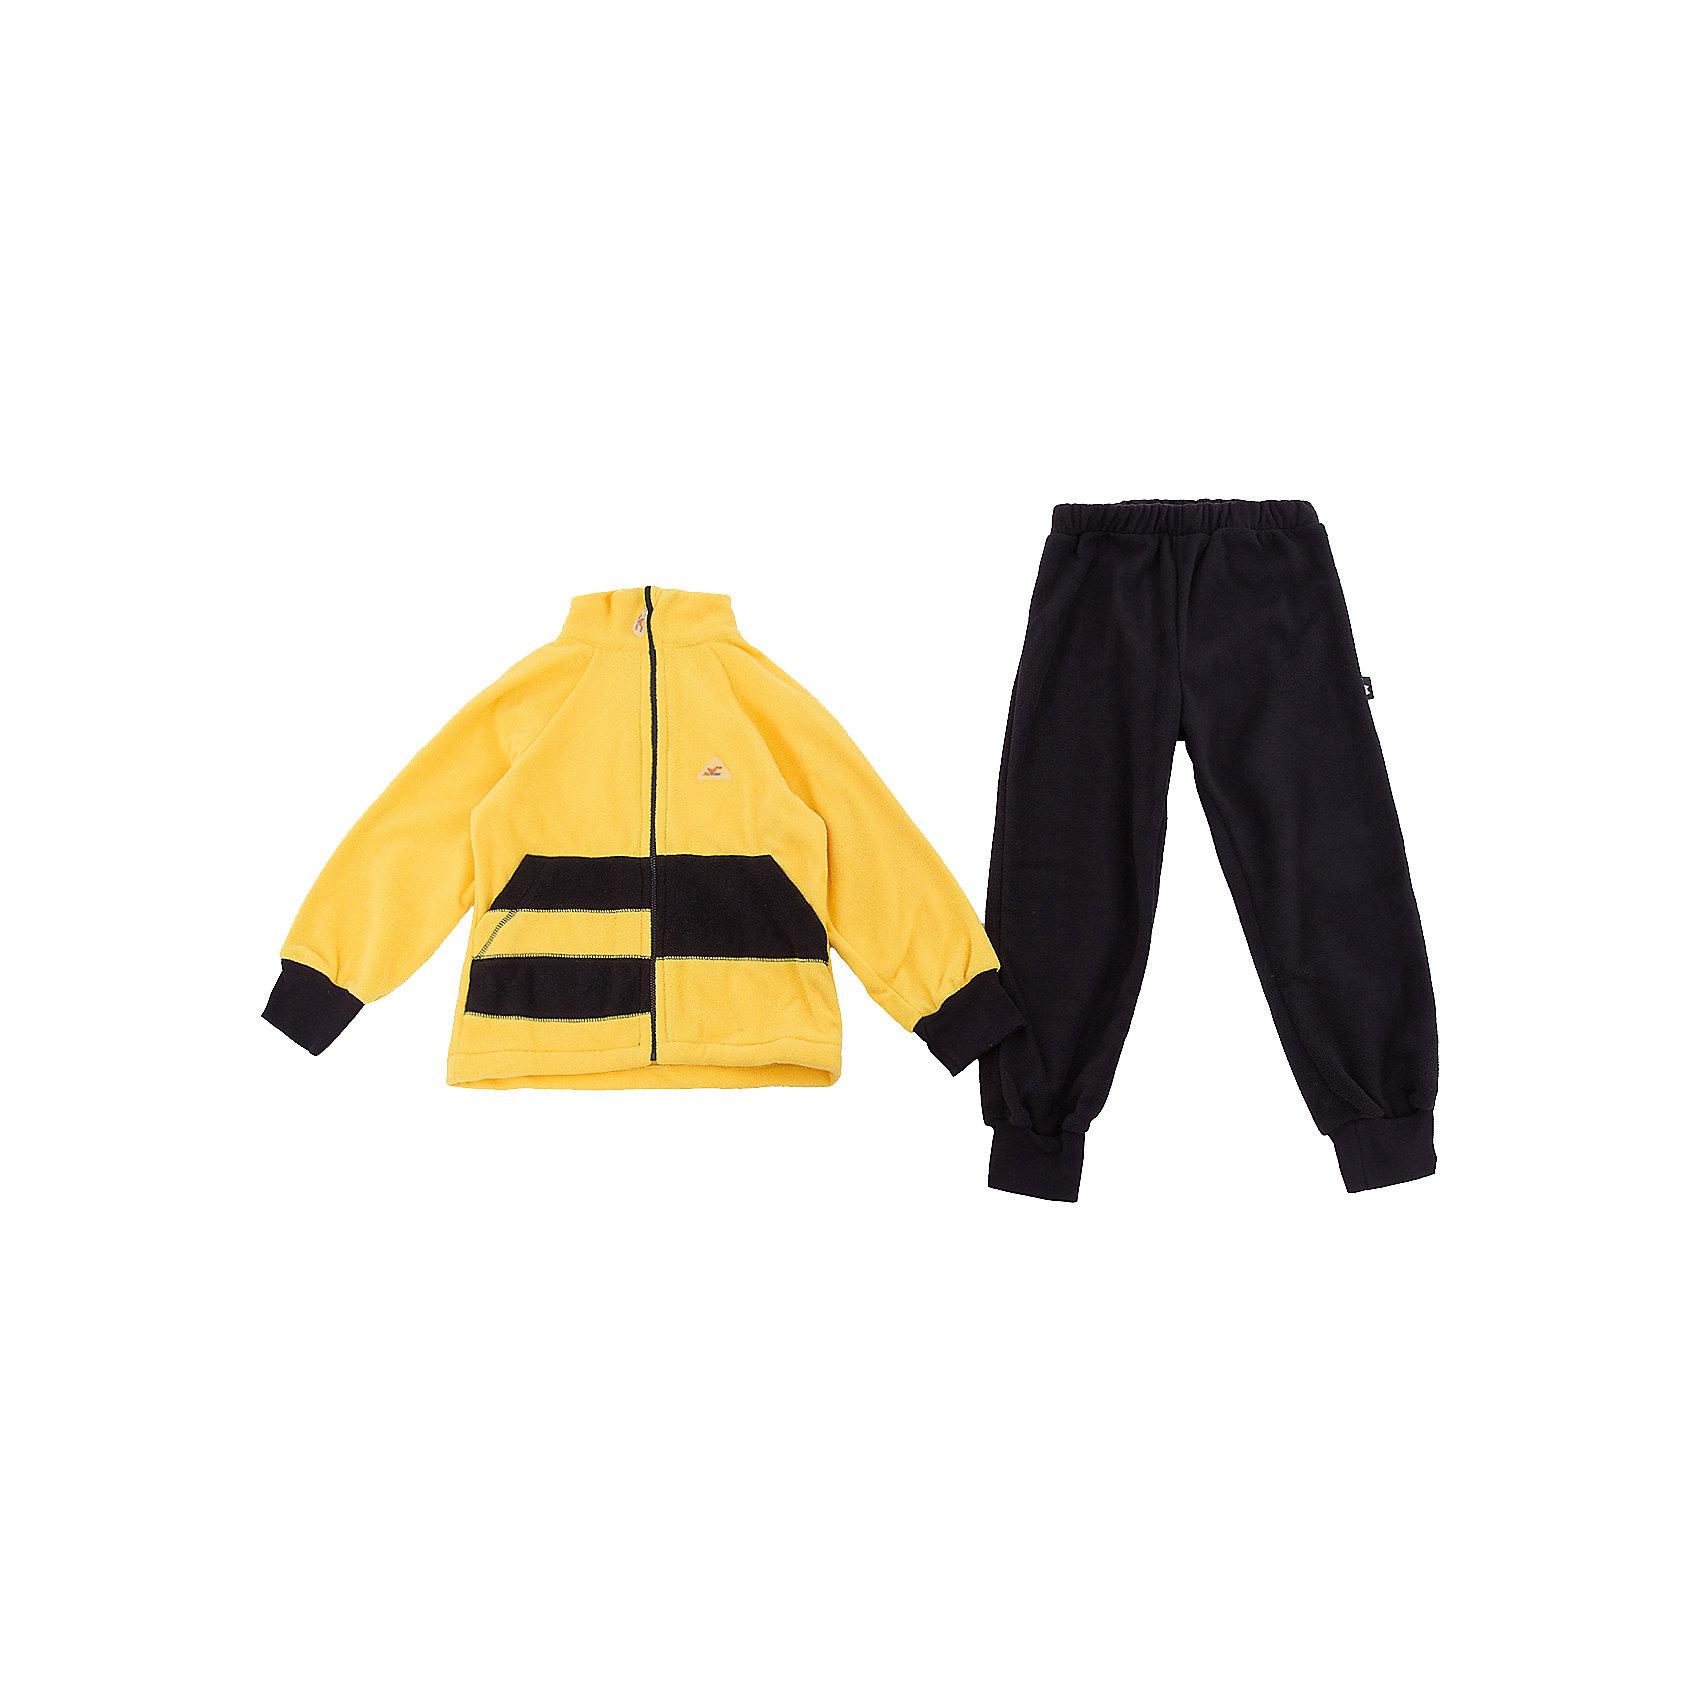 Комплект Полоска ЛисФлисФлис и термобелье<br>Характеристики товара:<br><br>• цвет: желтый/черный;<br>• состав: 100% полиэстер, флис (180 гр);<br>• сезон: зима;<br>• особенности: флисовый, без капюшона;<br>• застежка: молния;<br>• защита подбородка от защемления;<br>• эластичные манжеты на рукавах и штанинах;<br>• штаны на резинке;<br>• два прорезных кармана;<br>• страна бренда: Россия;<br>• страна производства: Россия.<br><br>Флисовый комплект на молнии. Изделие можно одевать как поддеву (дополнительный утепляющий слой) под мембранную одежду при минусовой температуре. А как самостоятельный элемент одежды (верхний слой) от +10 градусов. Прочная молния комбинезона расстегивается и застегивается одним движением руки. Флисовый комплект, кофта на молнии, без капюшона, штаны на резинке.<br><br>Комплект Полоска ЛисФлис можно купить в нашем интернет-магазине.<br><br>Ширина мм: 190<br>Глубина мм: 74<br>Высота мм: 229<br>Вес г: 236<br>Цвет: желтый<br>Возраст от месяцев: 12<br>Возраст до месяцев: 15<br>Пол: Унисекс<br>Возраст: Детский<br>Размер: 80,146,86,92,98,104,110,116,122,128,134,140<br>SKU: 7052812